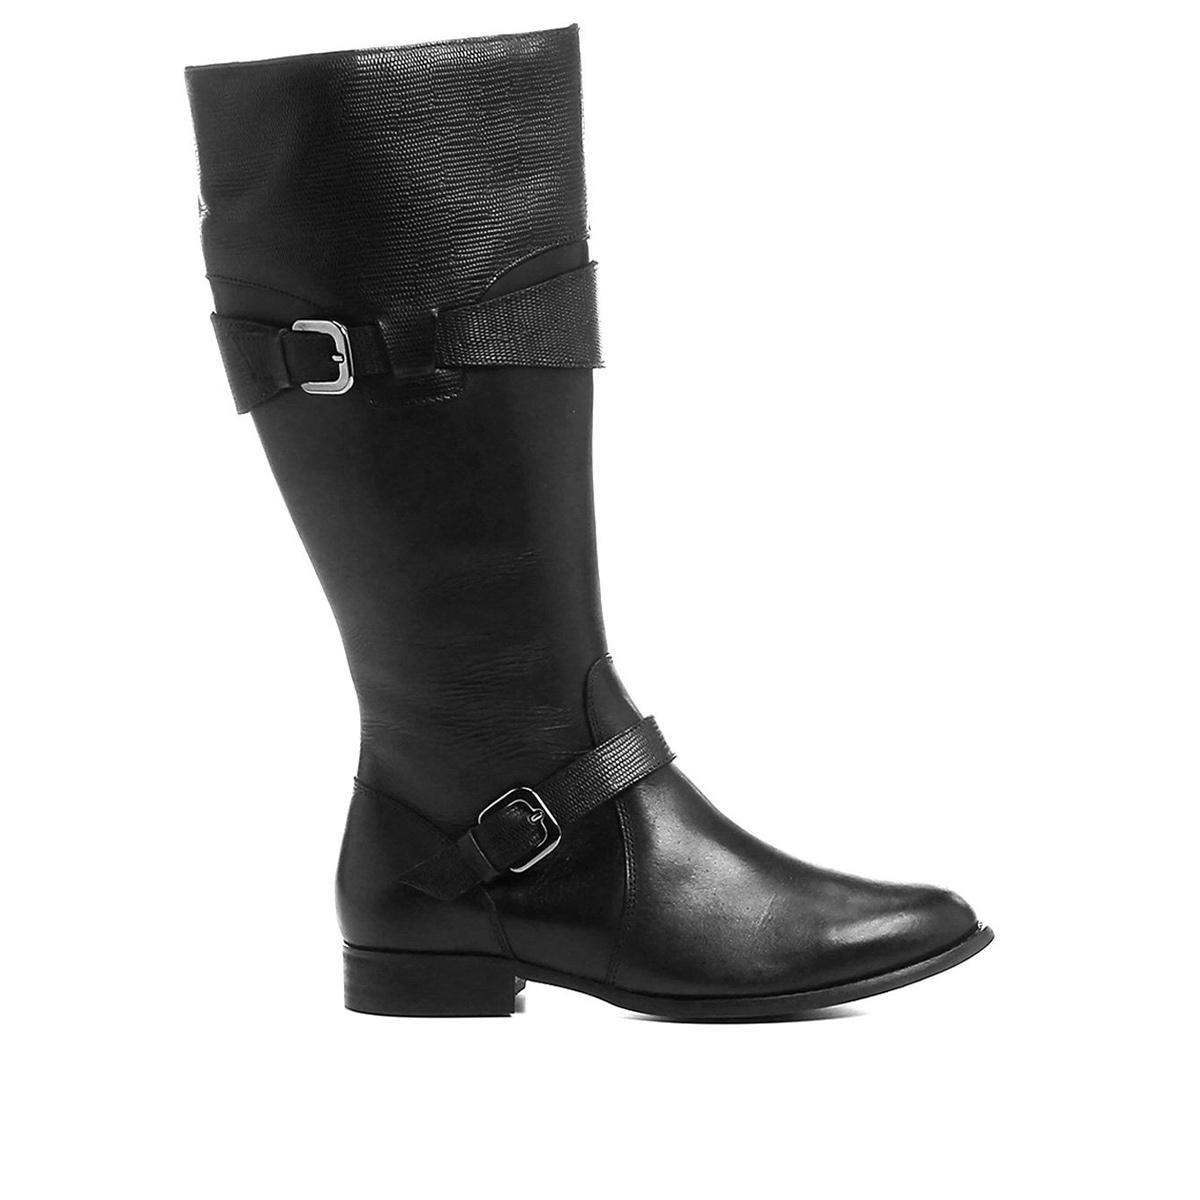 ae66682a6c bota couro montaria shoestock cobra feminina. Carregando zoom.